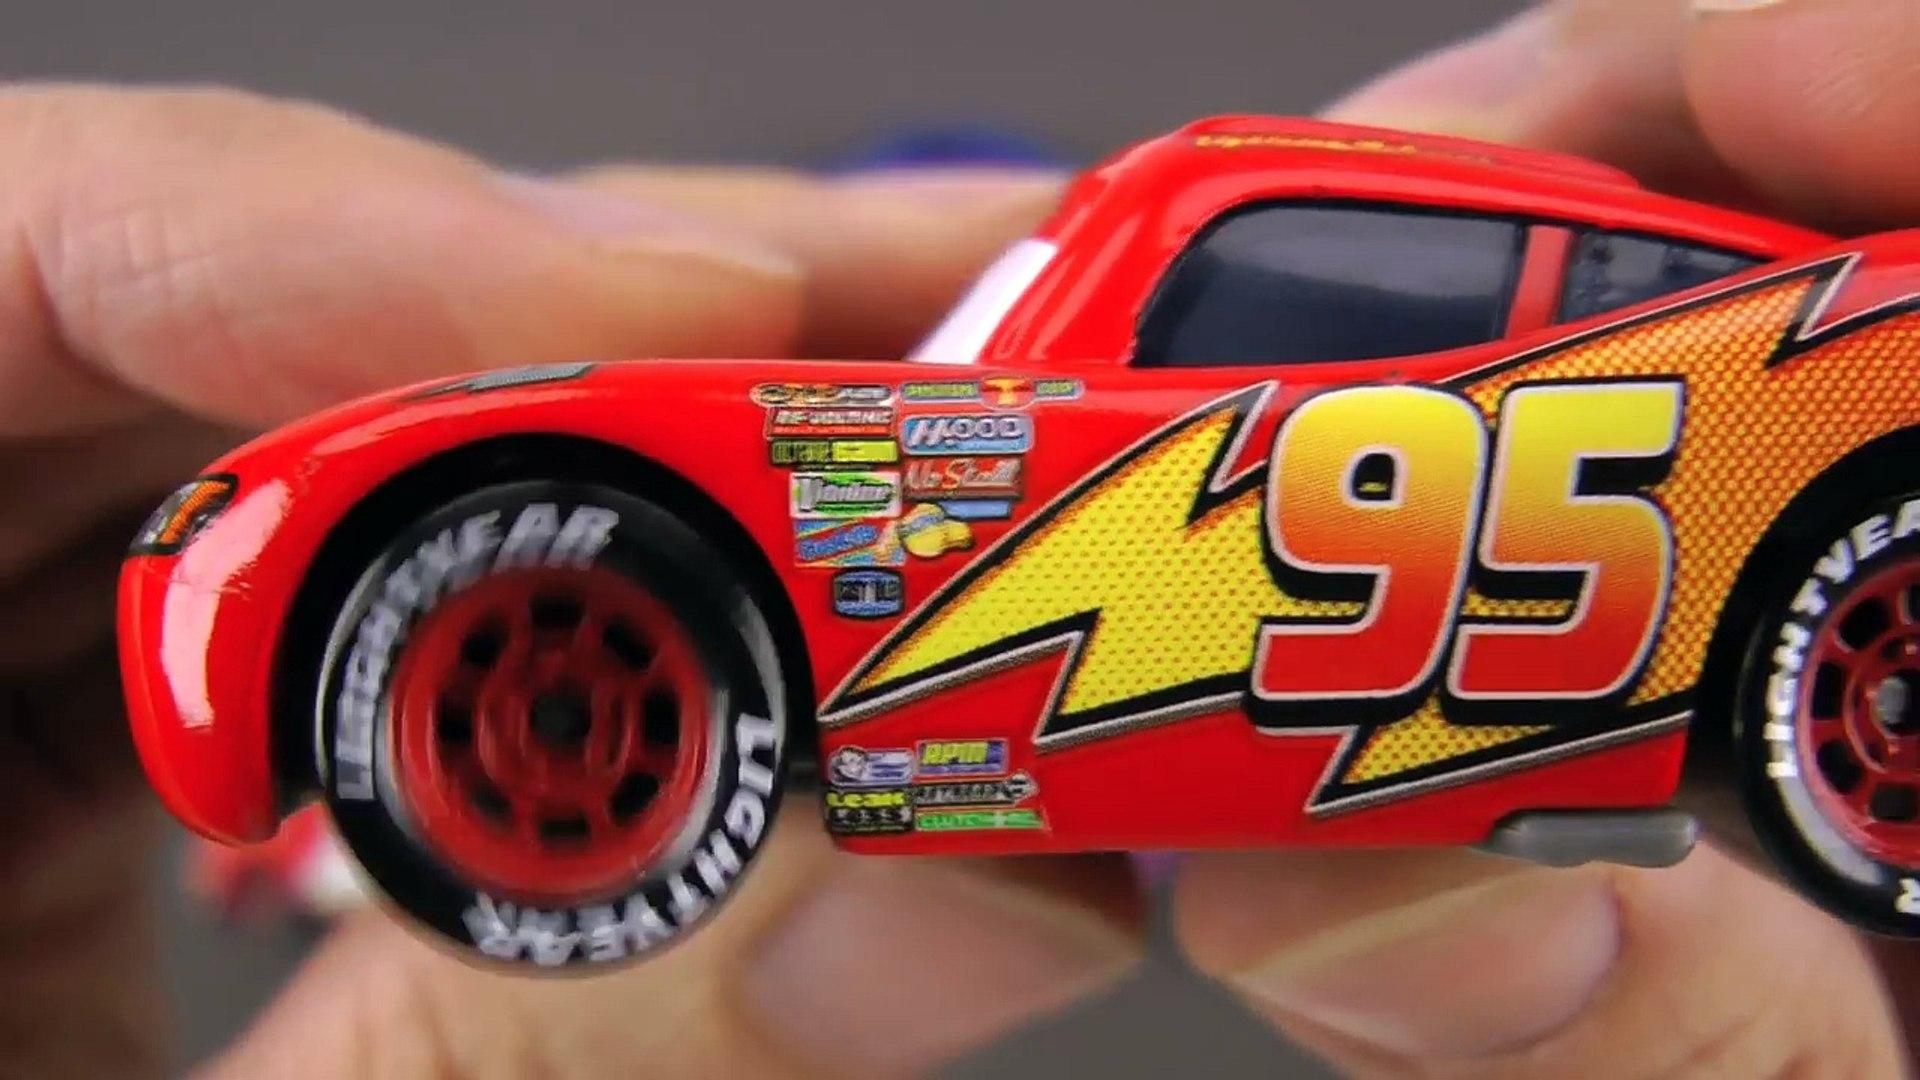 Otomobil Kamyon Çocuklar için Fan Favori # Çocuk Disney Pixar Cars için 1 adet Video